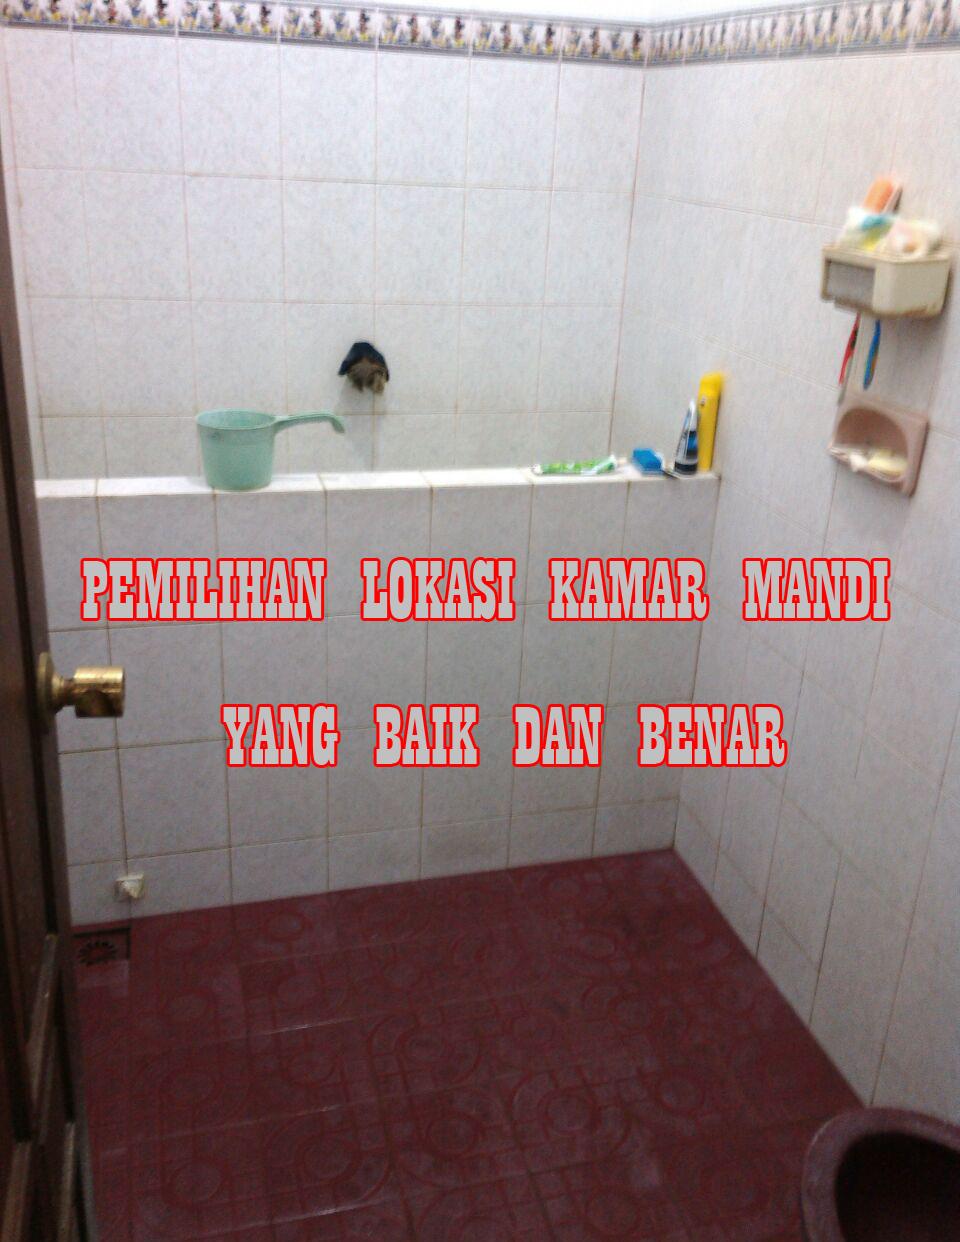 pemilihan lokasi kamar mandi ketika saat bangun rumah » Awas Ya! Jangan Bangun Kamar Mandi di Area Ini